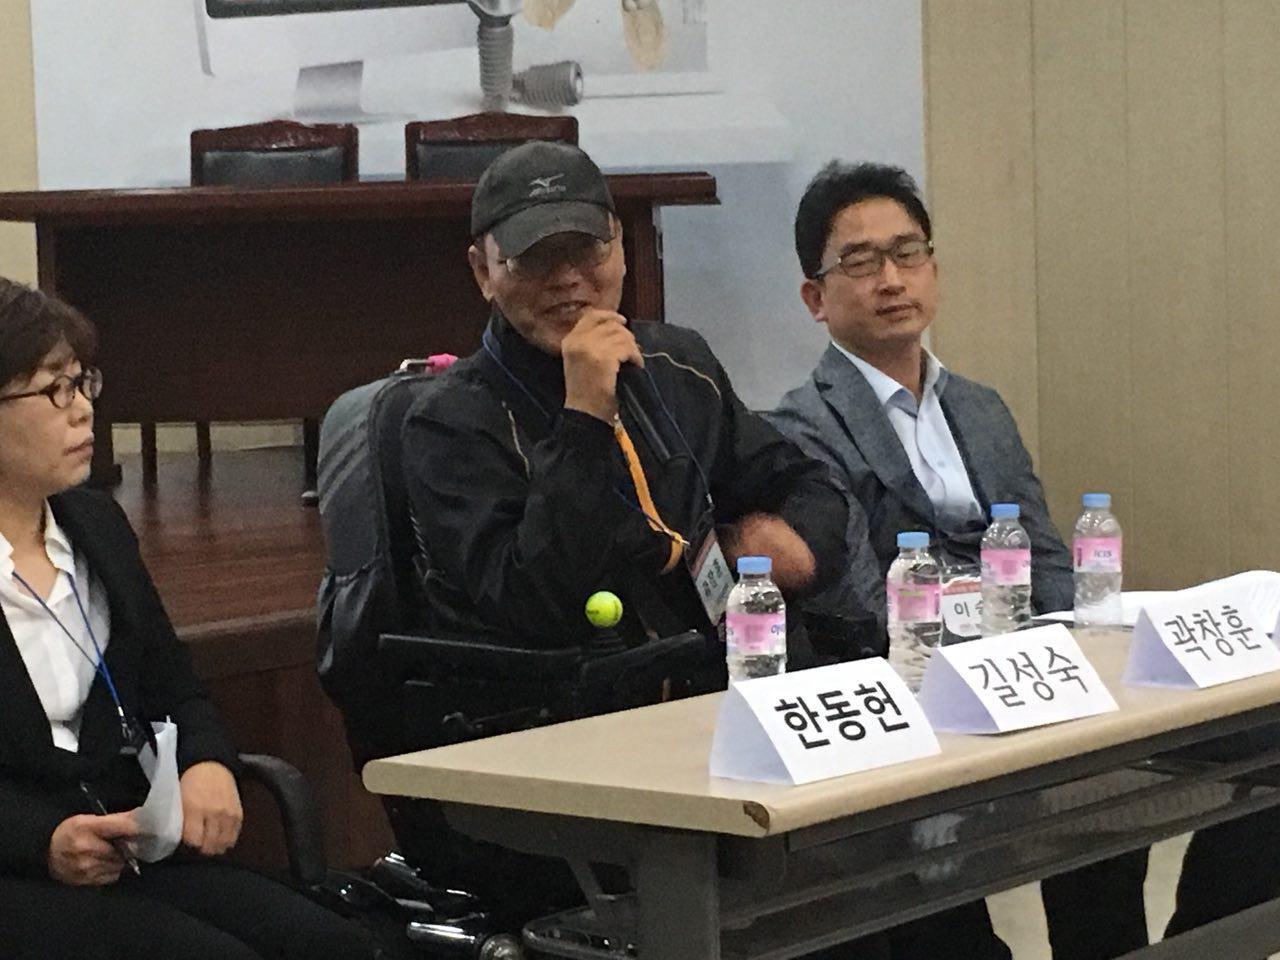 워크숍 장애인치과 참가자 곽창훈씨